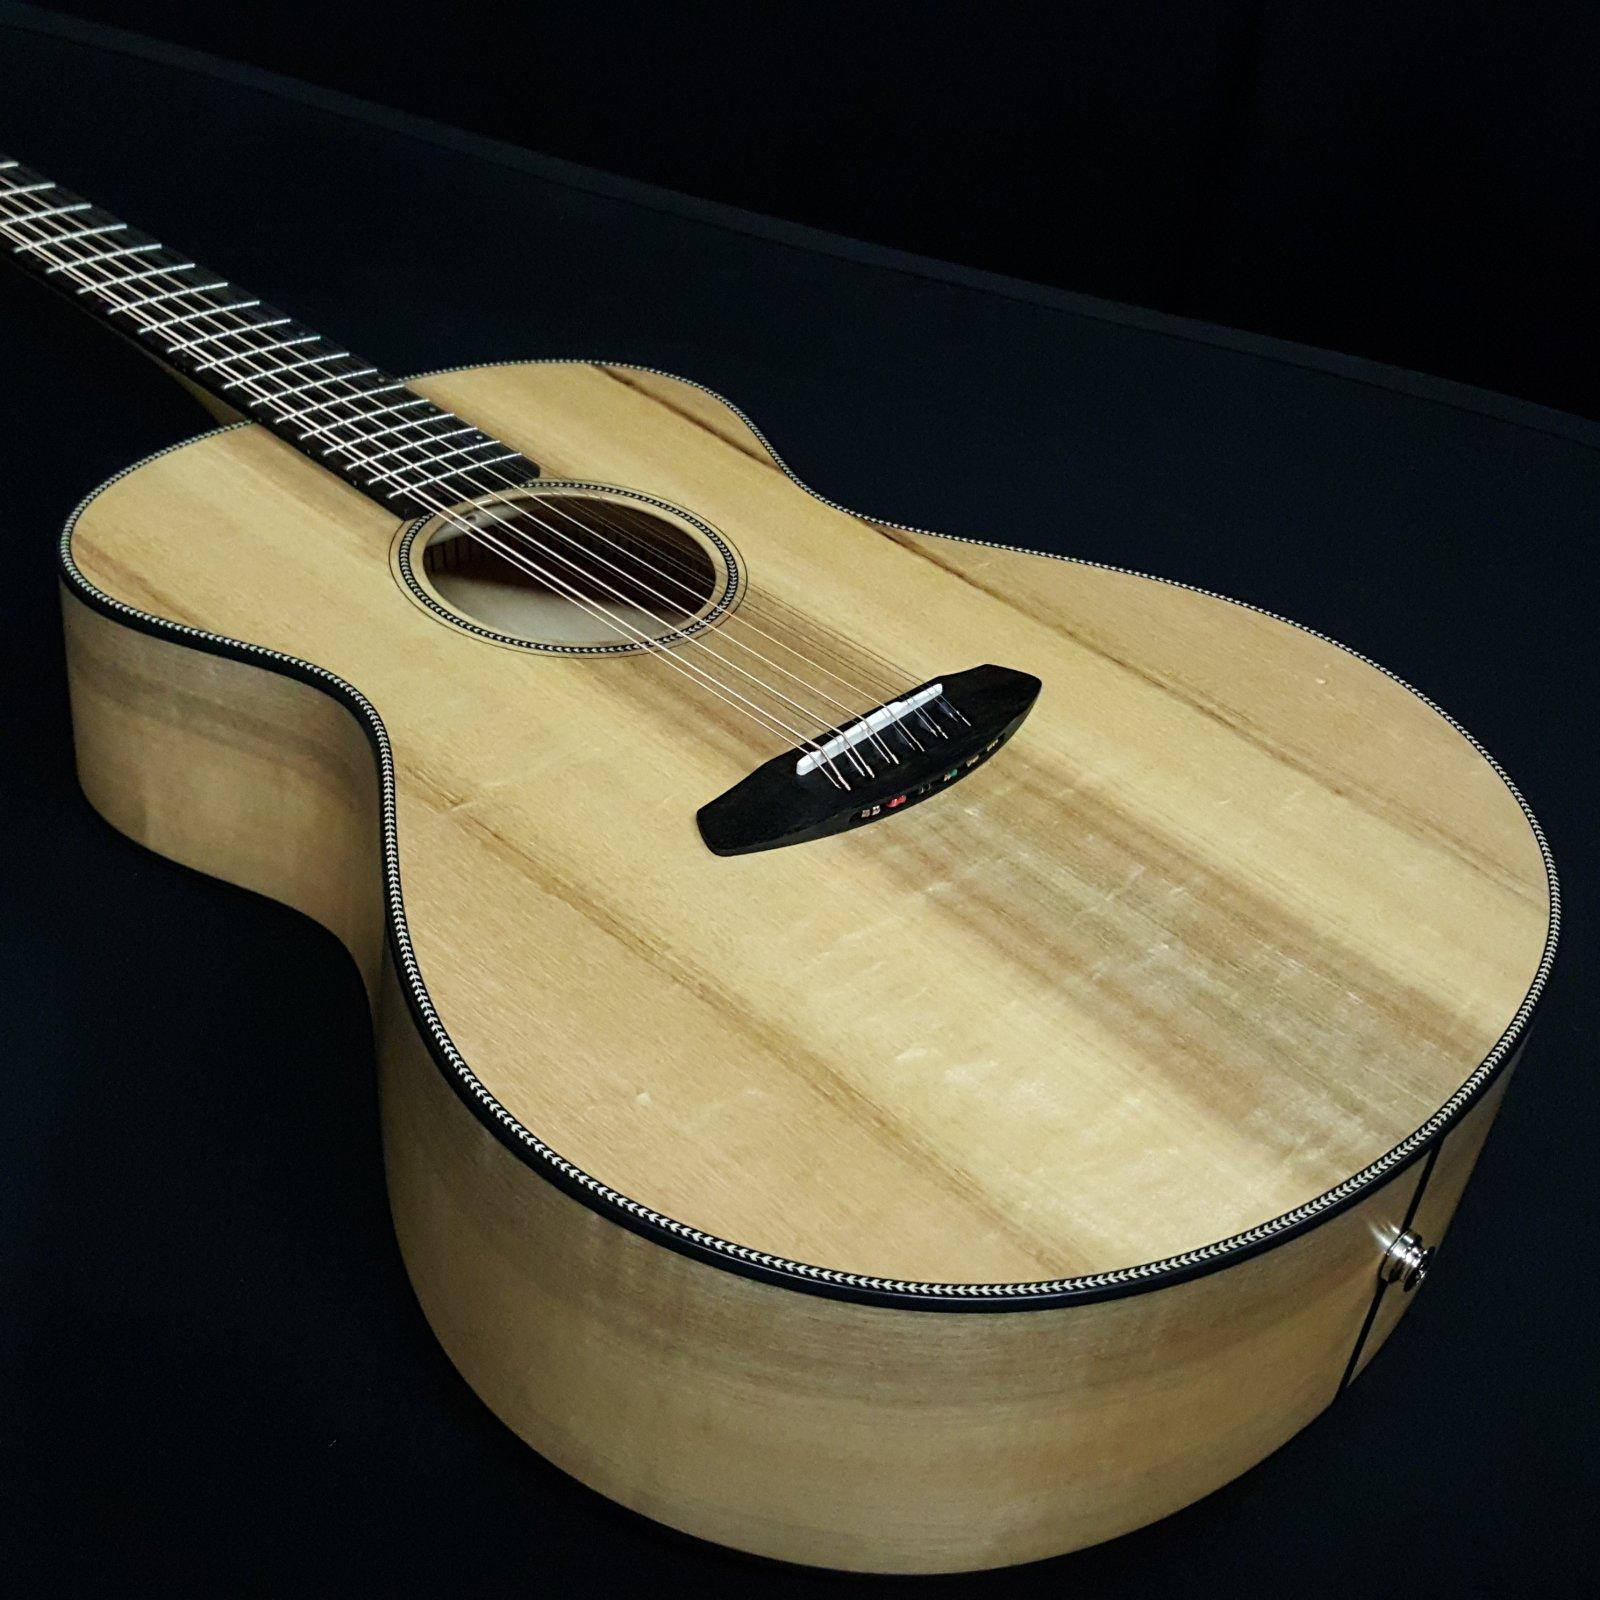 Breedlove Oregon Concert E Myrtlewood 12 String with Case